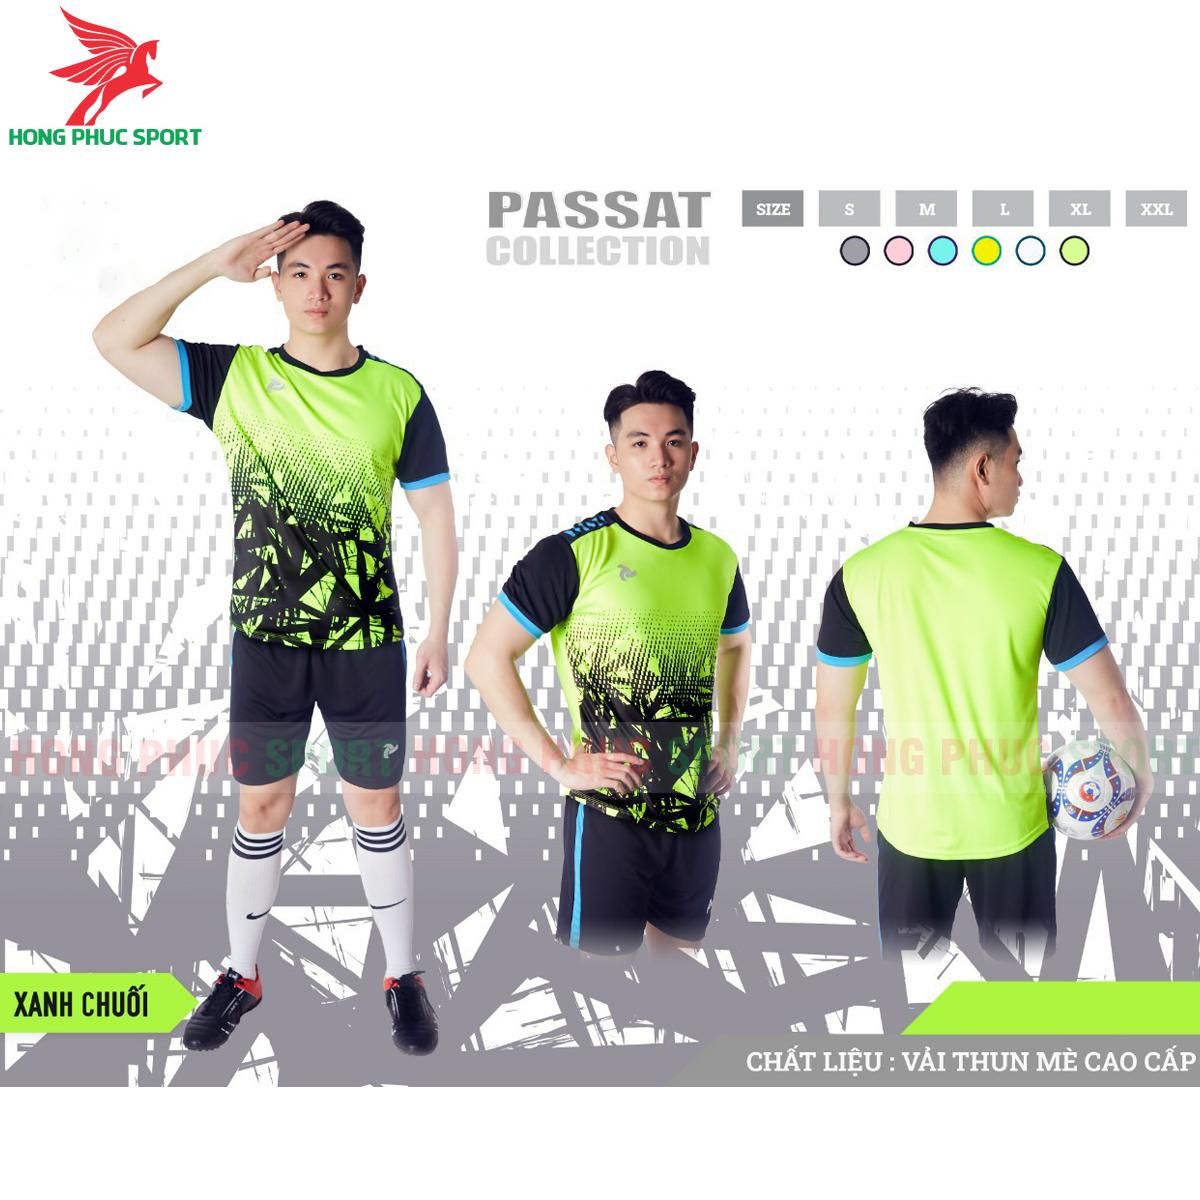 Áo đấu không logo Justplay Passat 2021 màu xanh chuối